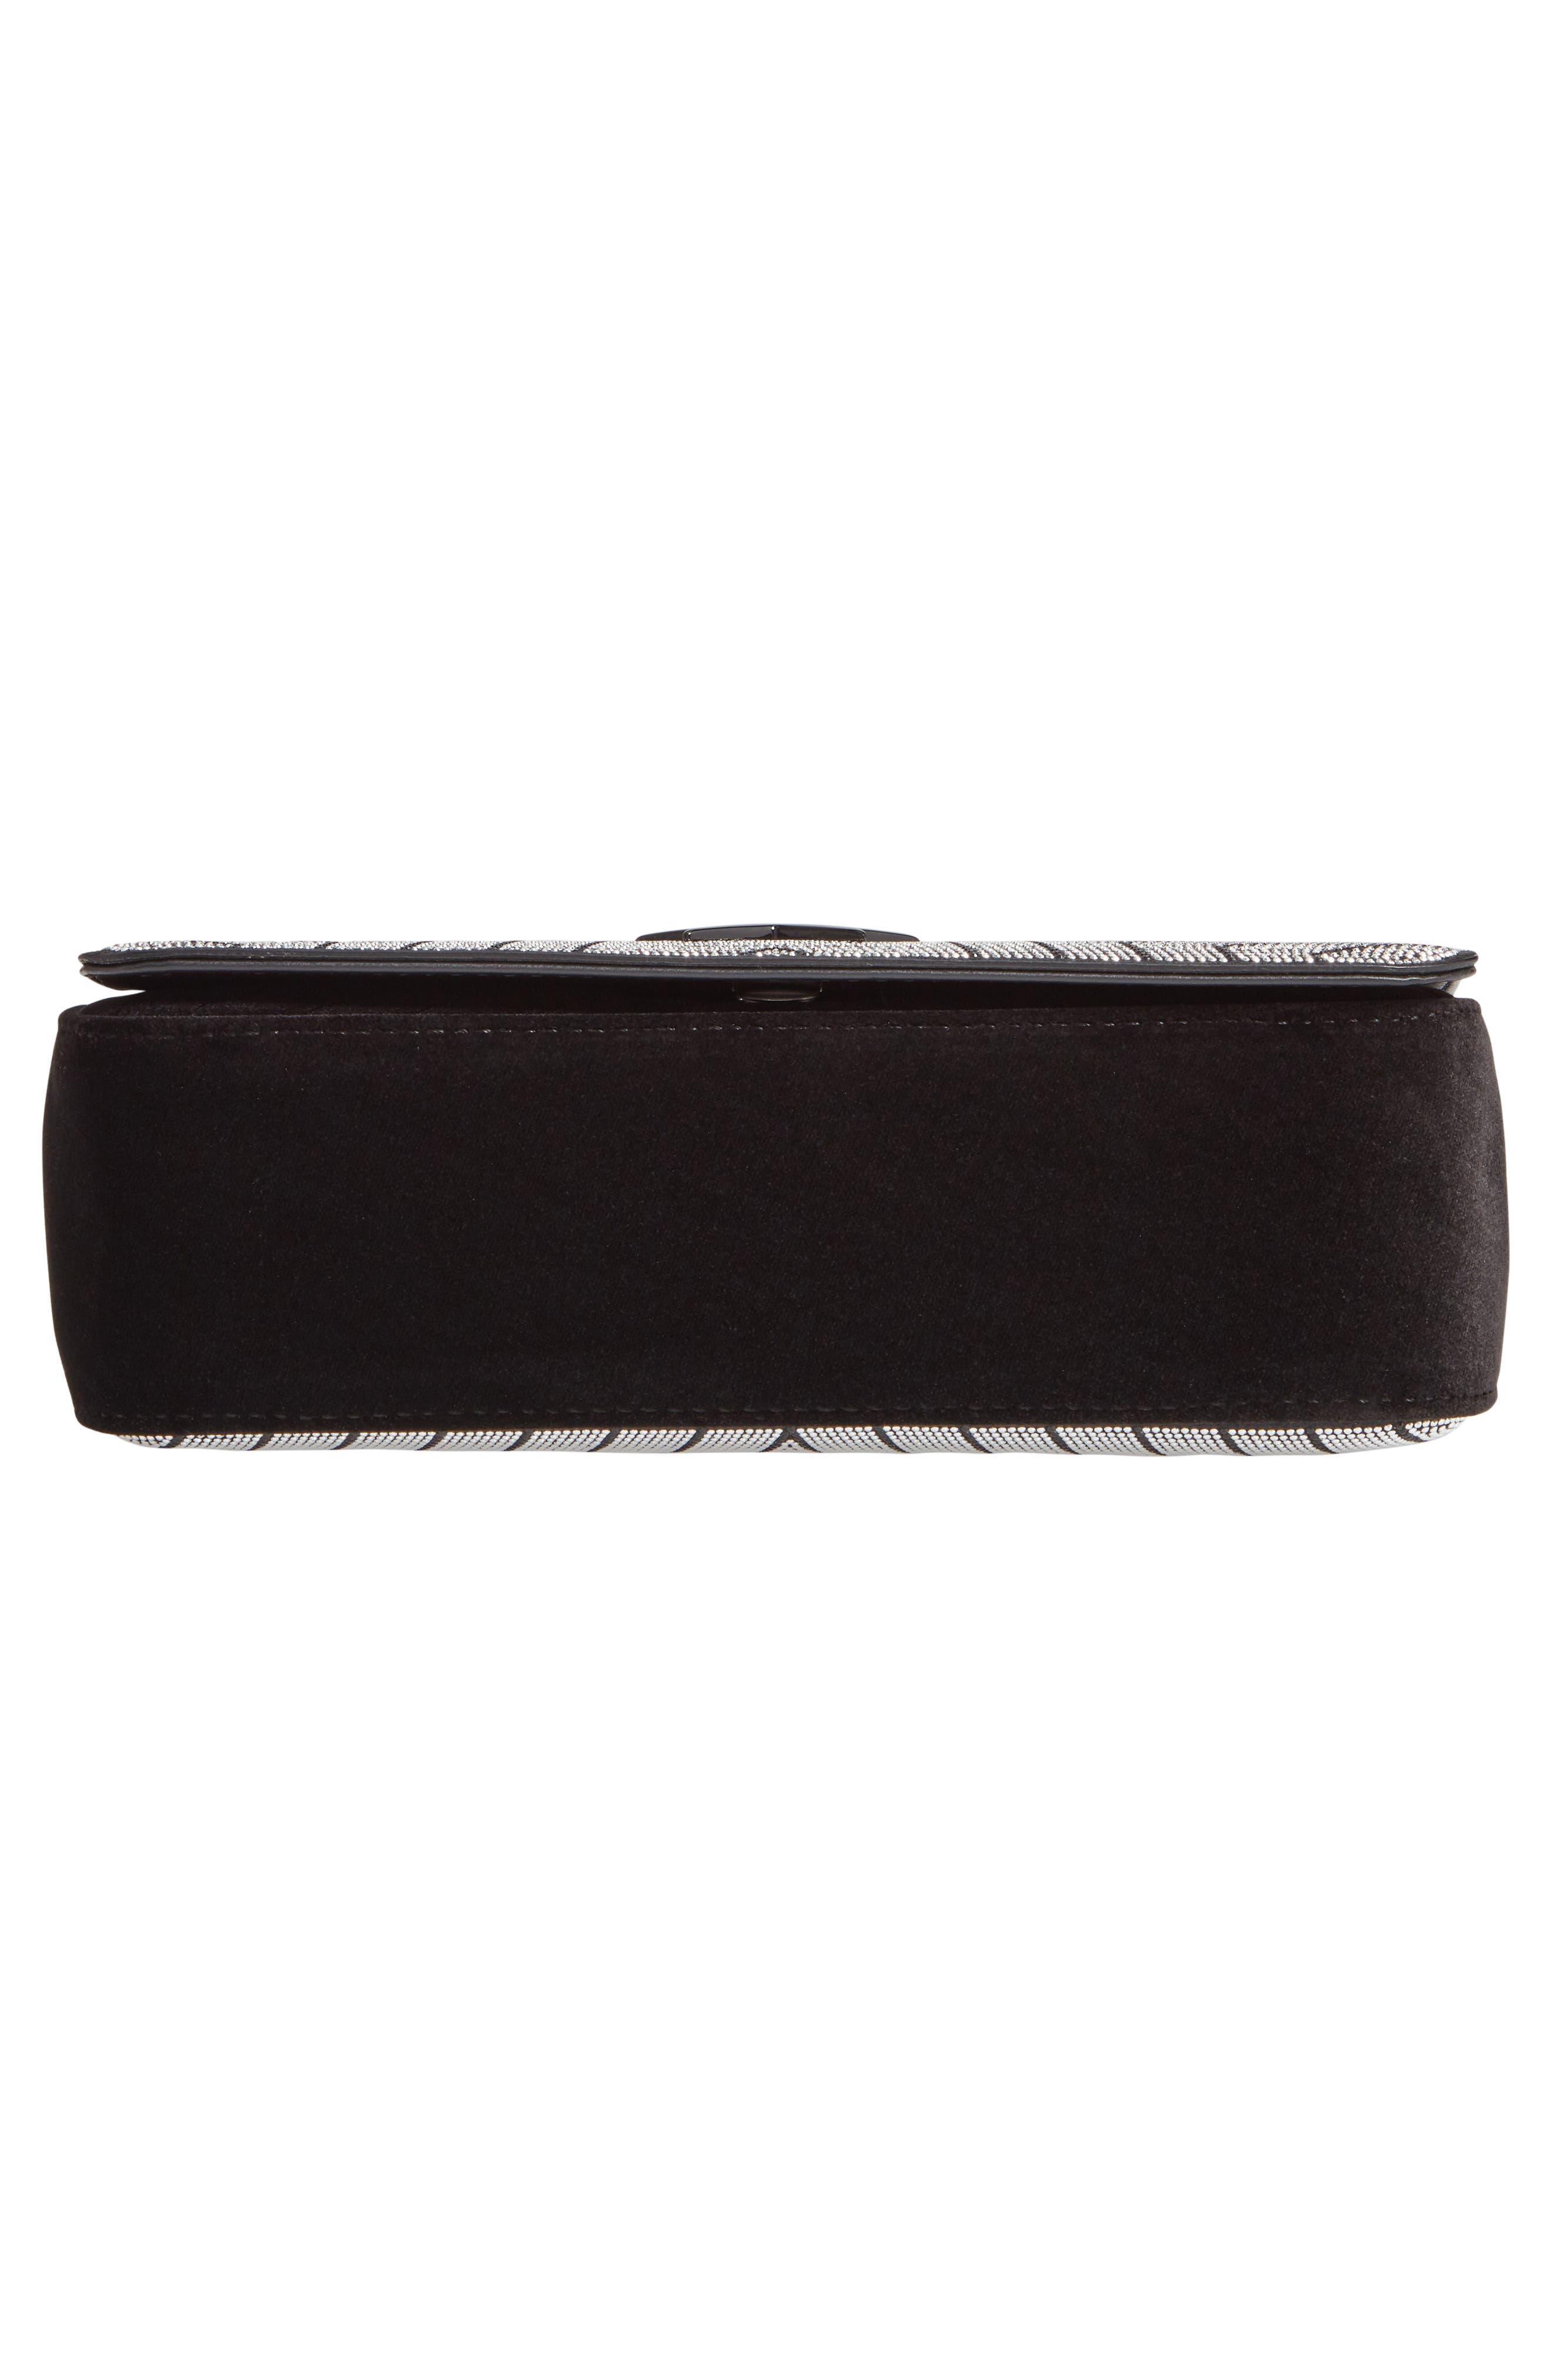 Medium Crystal Star Shoulder Bag,                             Alternate thumbnail 6, color,                             BLACK